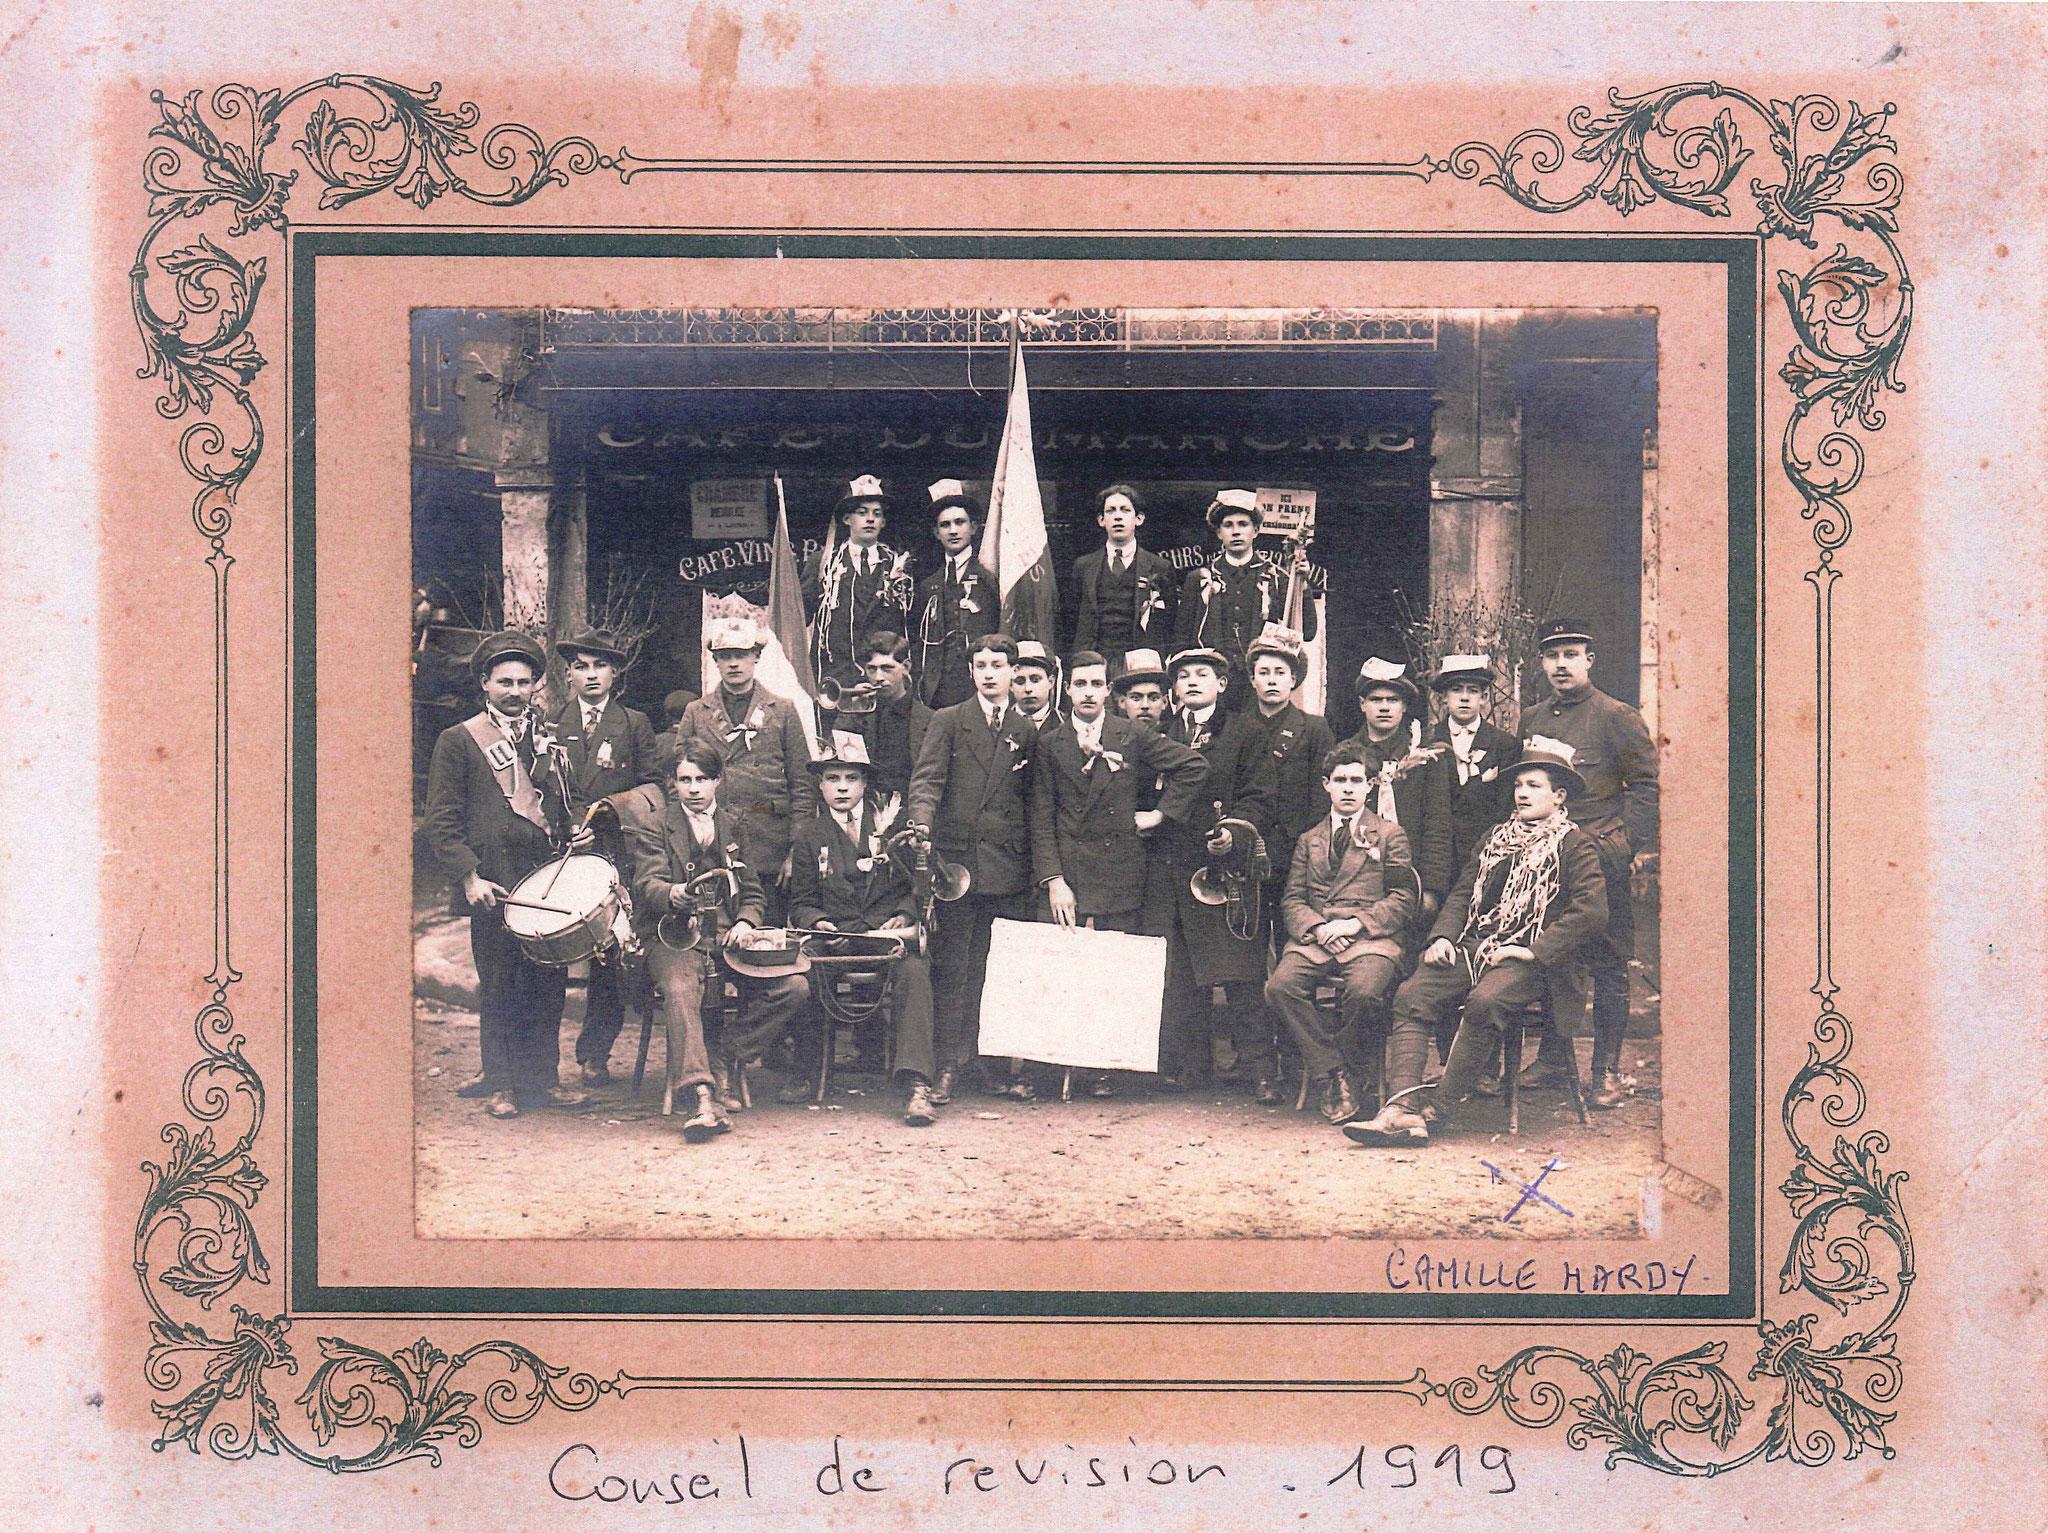 Conseil de révision Dives  1919 - Collection Hardy